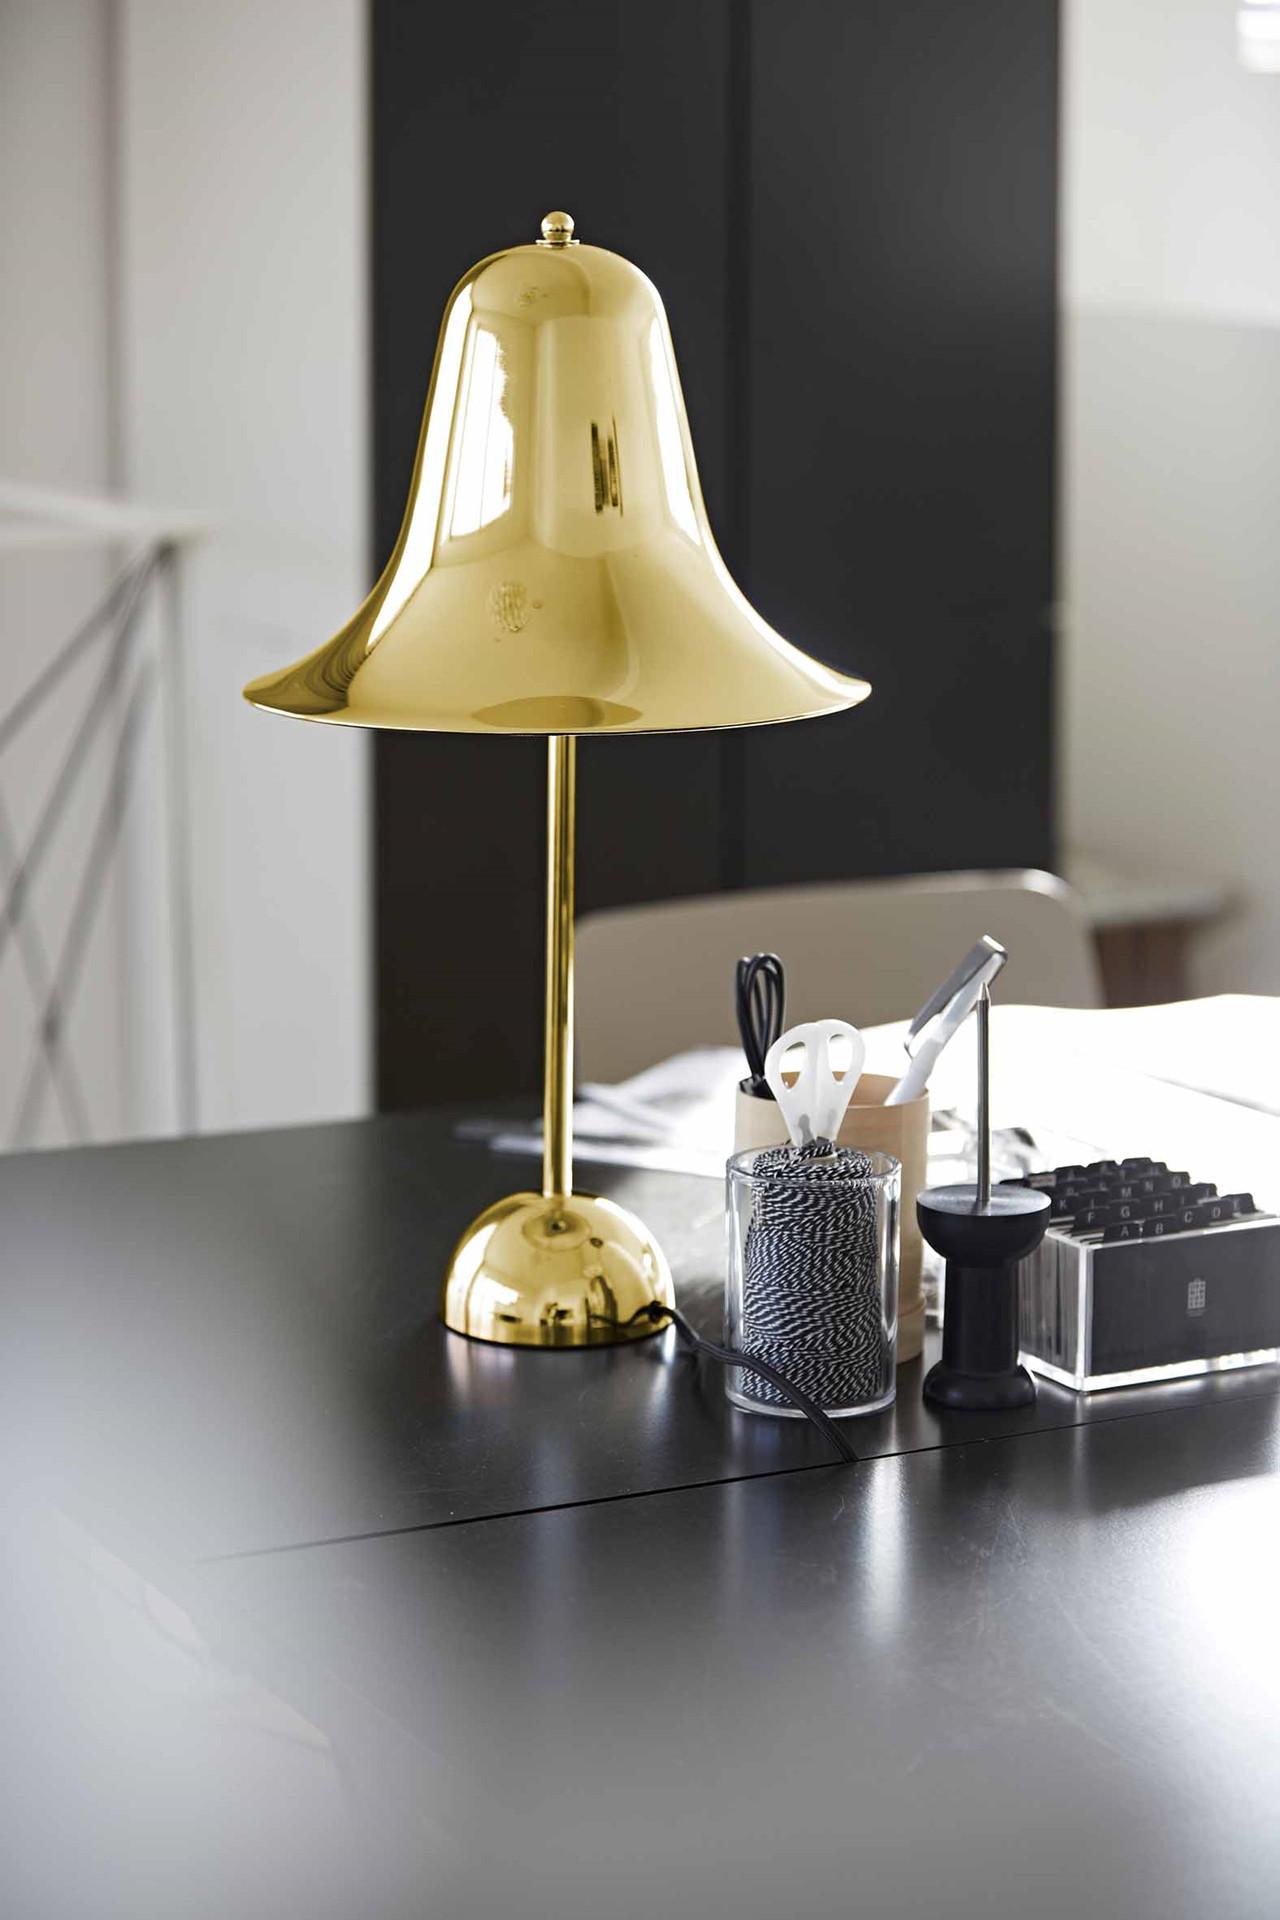 Tidssvarende Pantop bordlampe | Køb bordlampen fra Verpan her AU-68